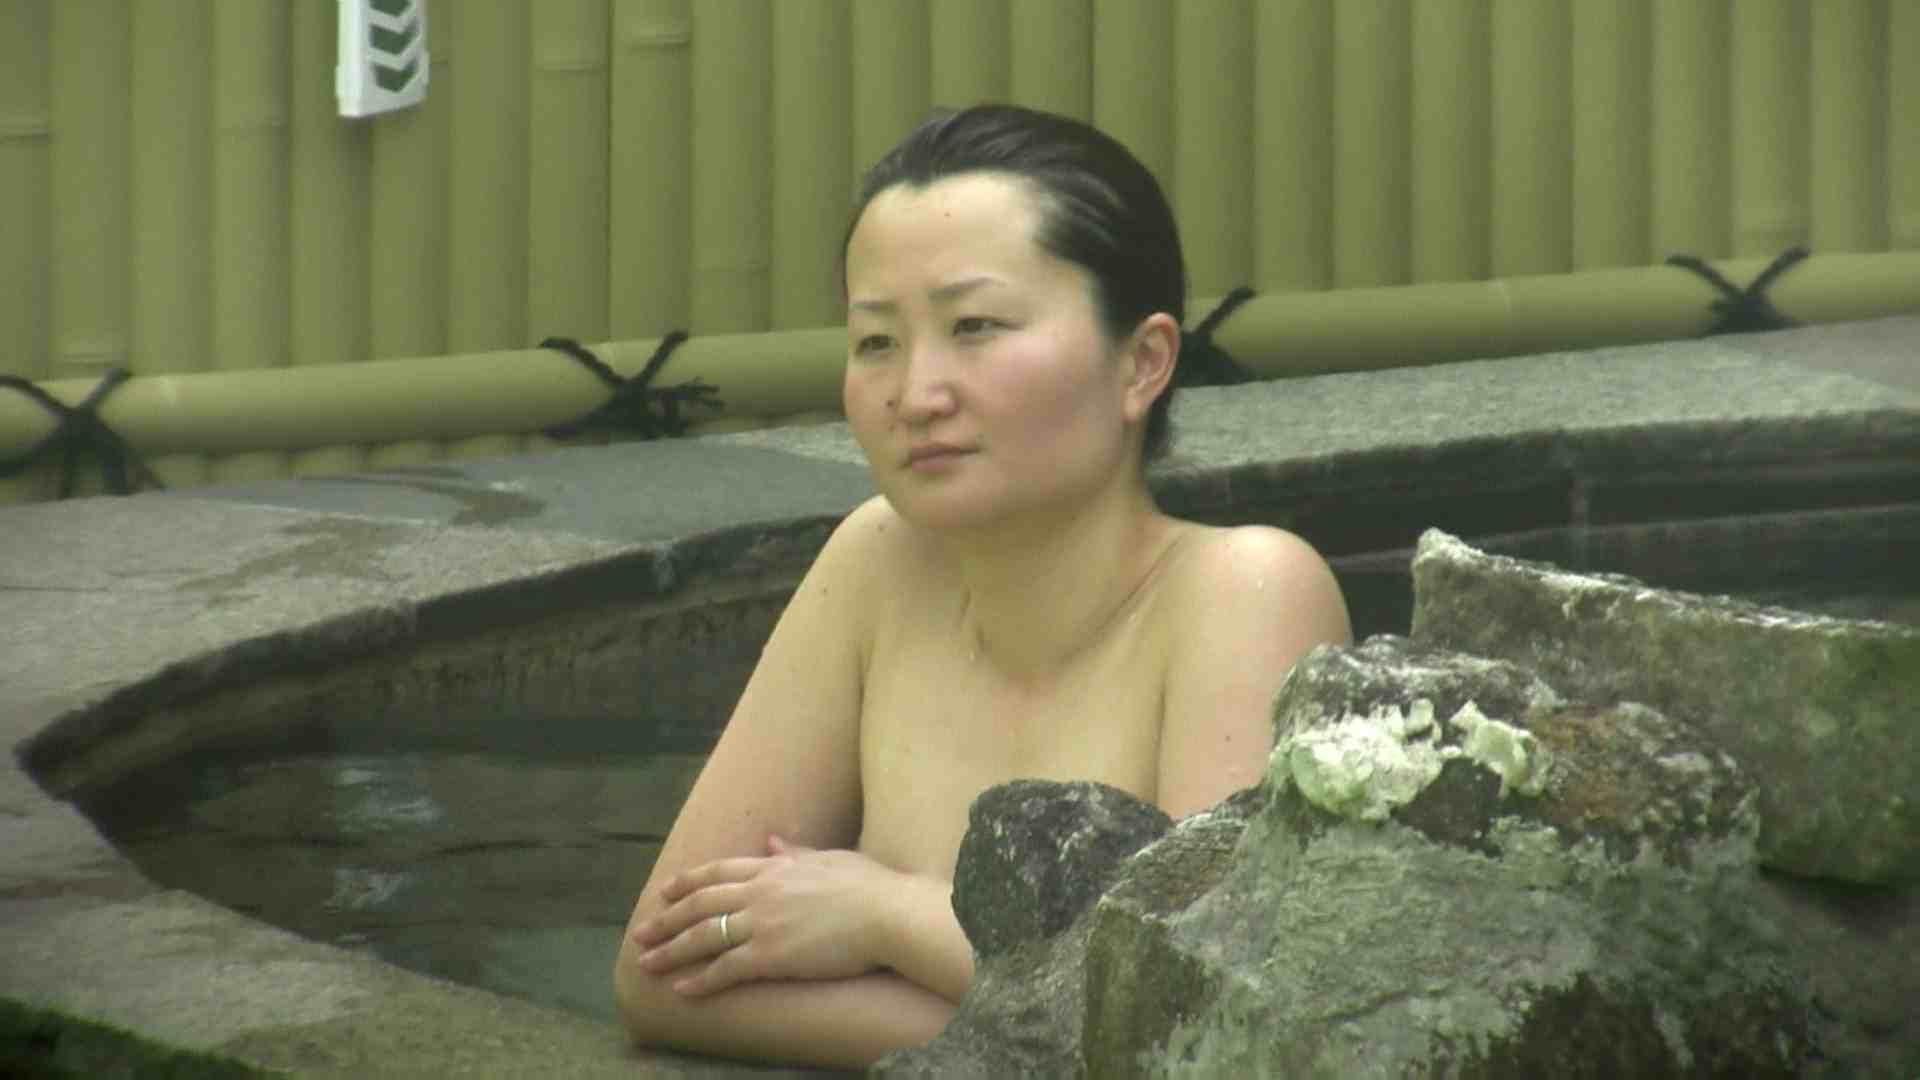 Aquaな露天風呂Vol.632 盗撮シリーズ  100PIX 14